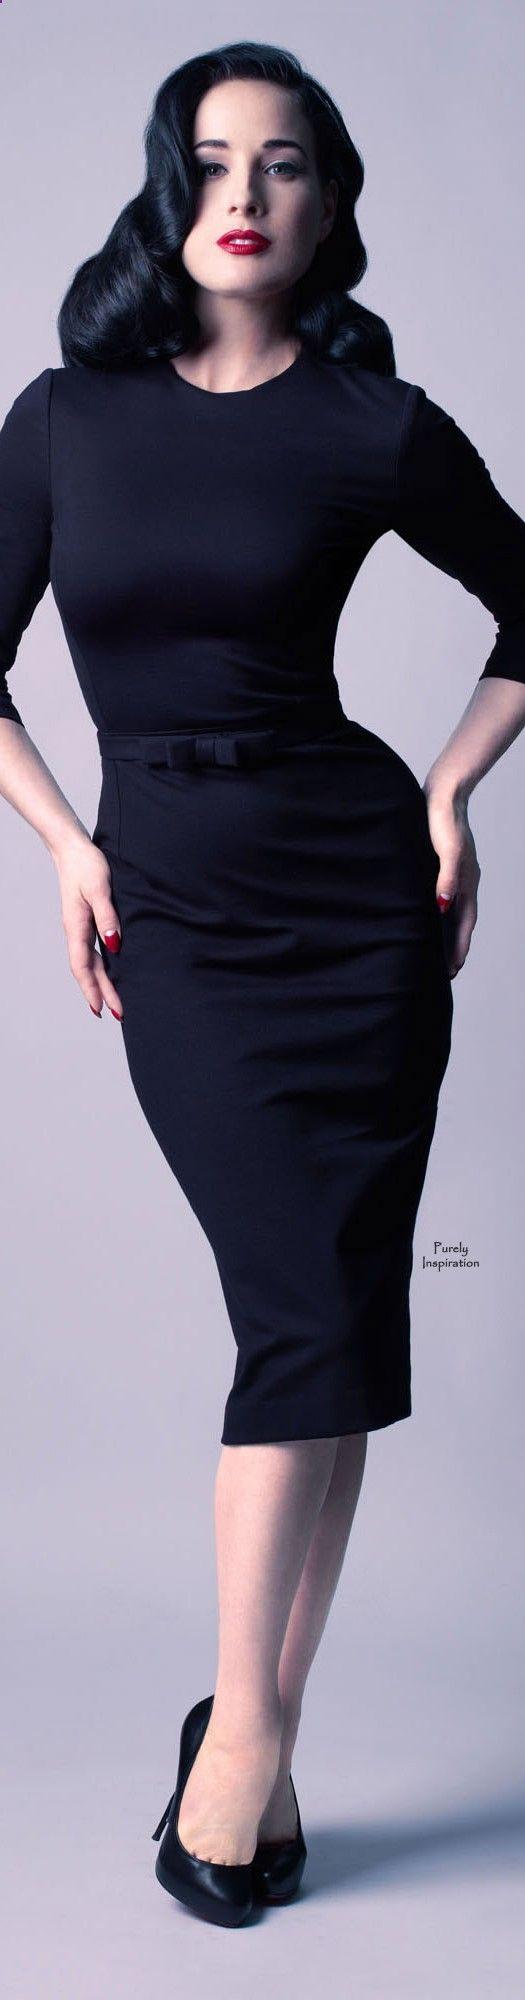 Vintage Style Dita Von Teese | Purely Inspiration Moi Dita Von Teese! Je suis La Femme par Excellence!